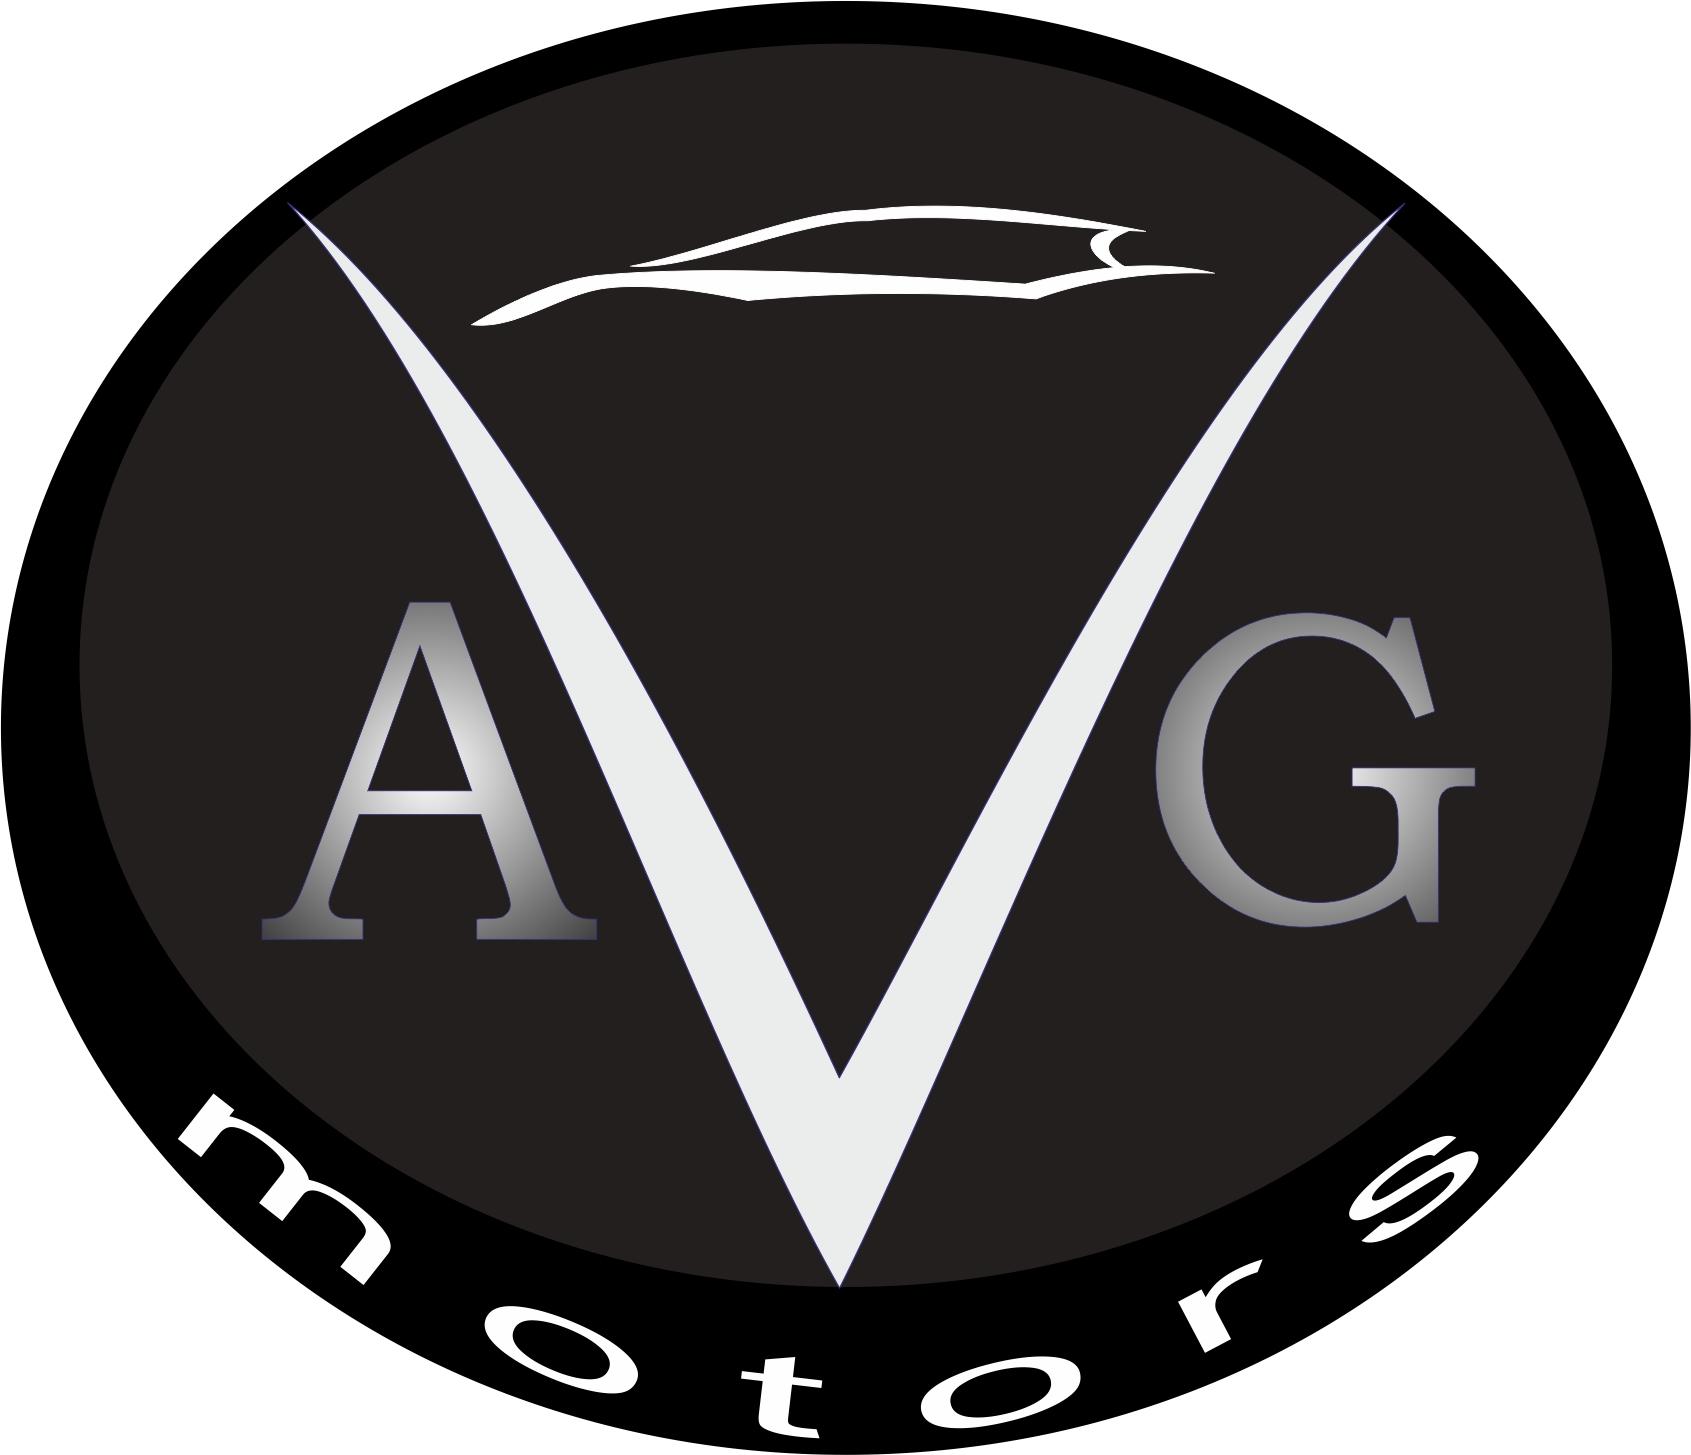 Разработать логотип автосервиса фото f_892557fe75a42dd1.jpg